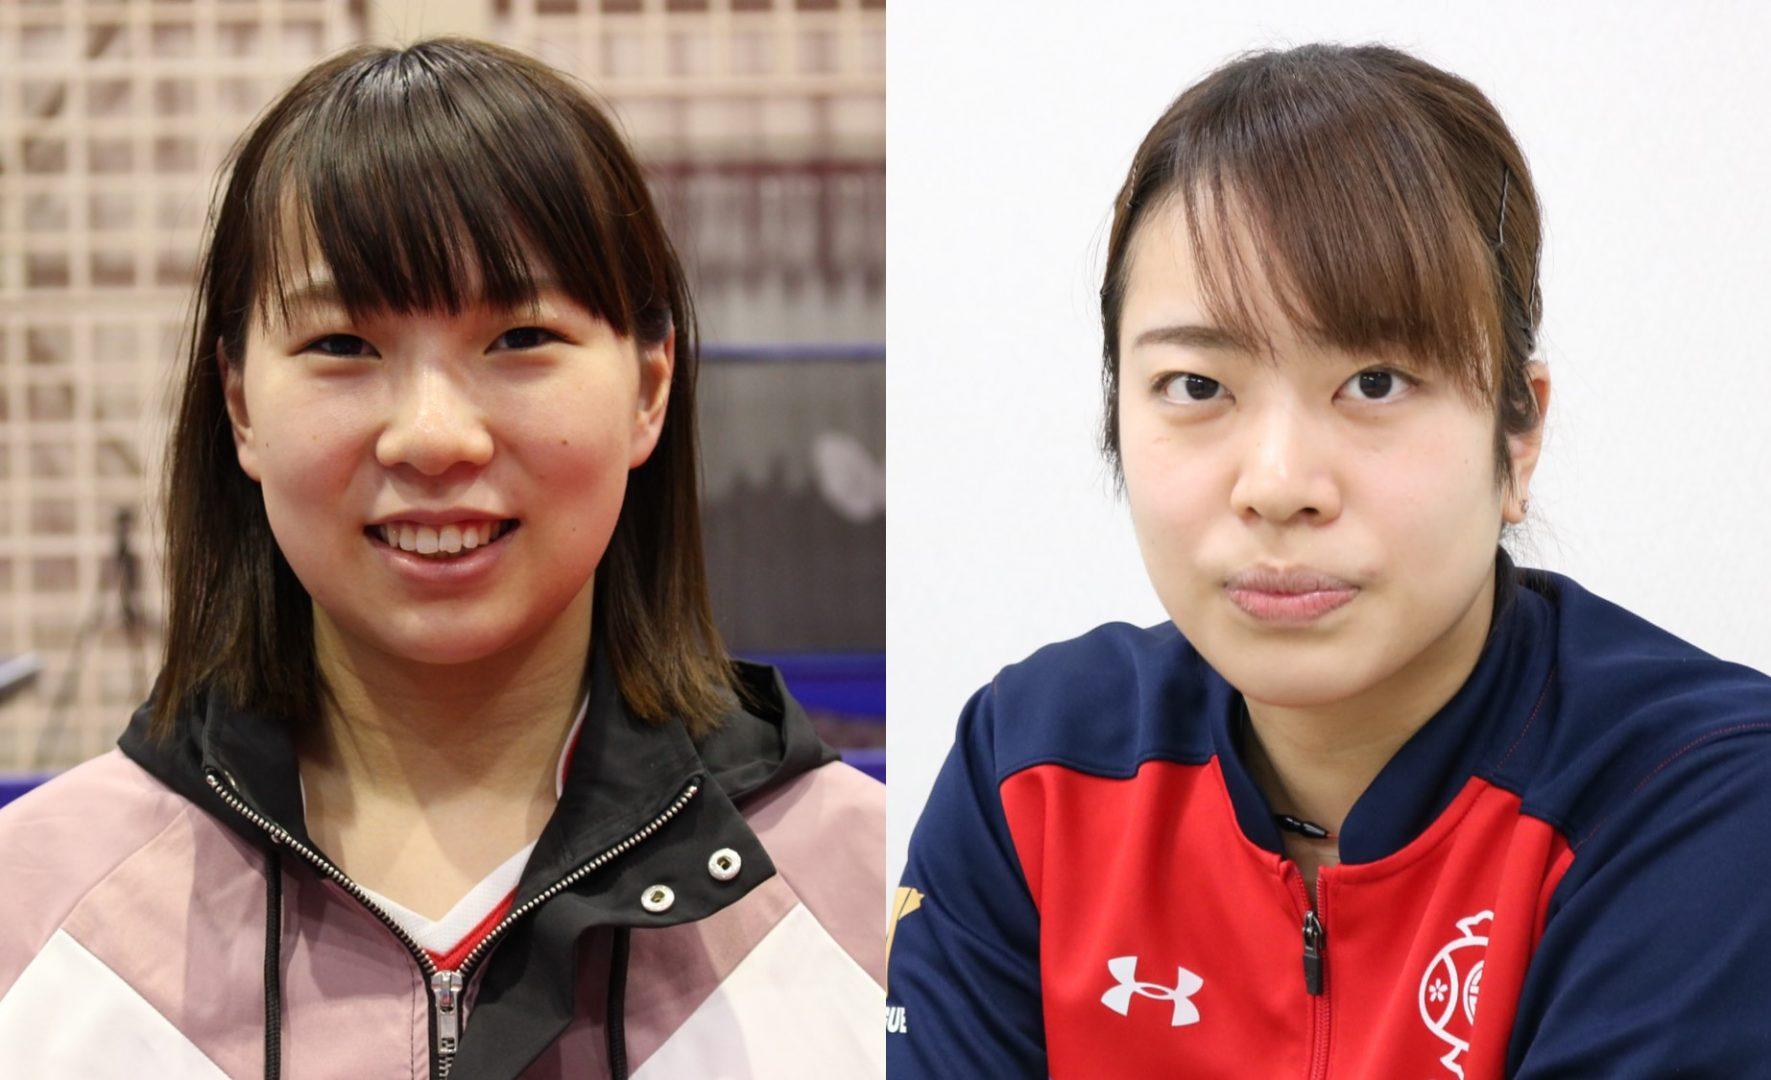 松平志穂、打浪優がコナミスポーツ主催イベントに登場 体操の加藤凌平らも参加予定